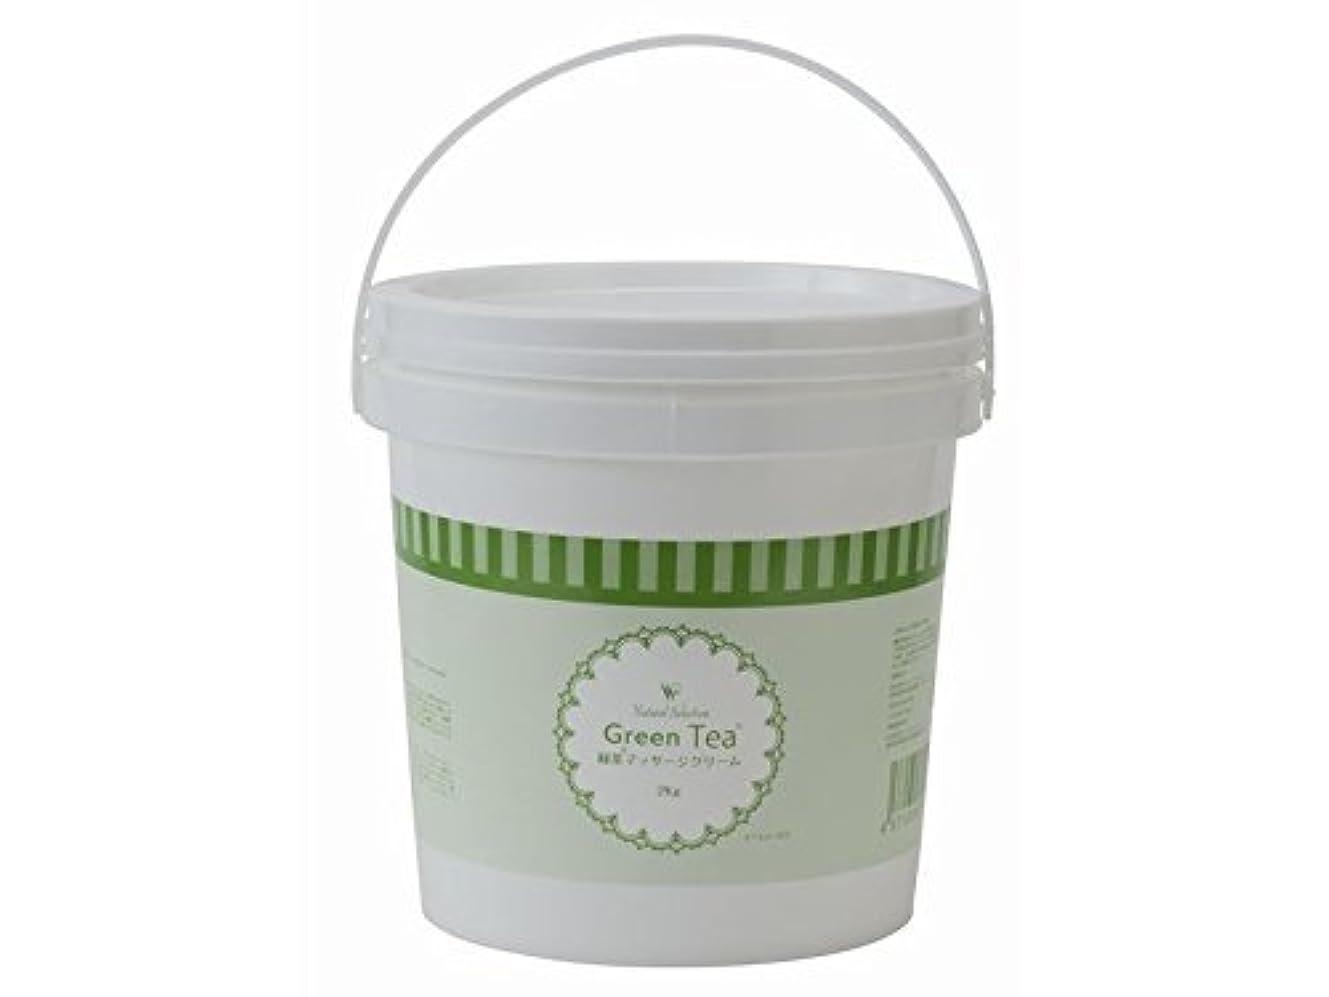 ケーブルカー使用法副産物緑茶マッサージクリーム 業務用(2kg)【フットマッサージ】足もみクリーム